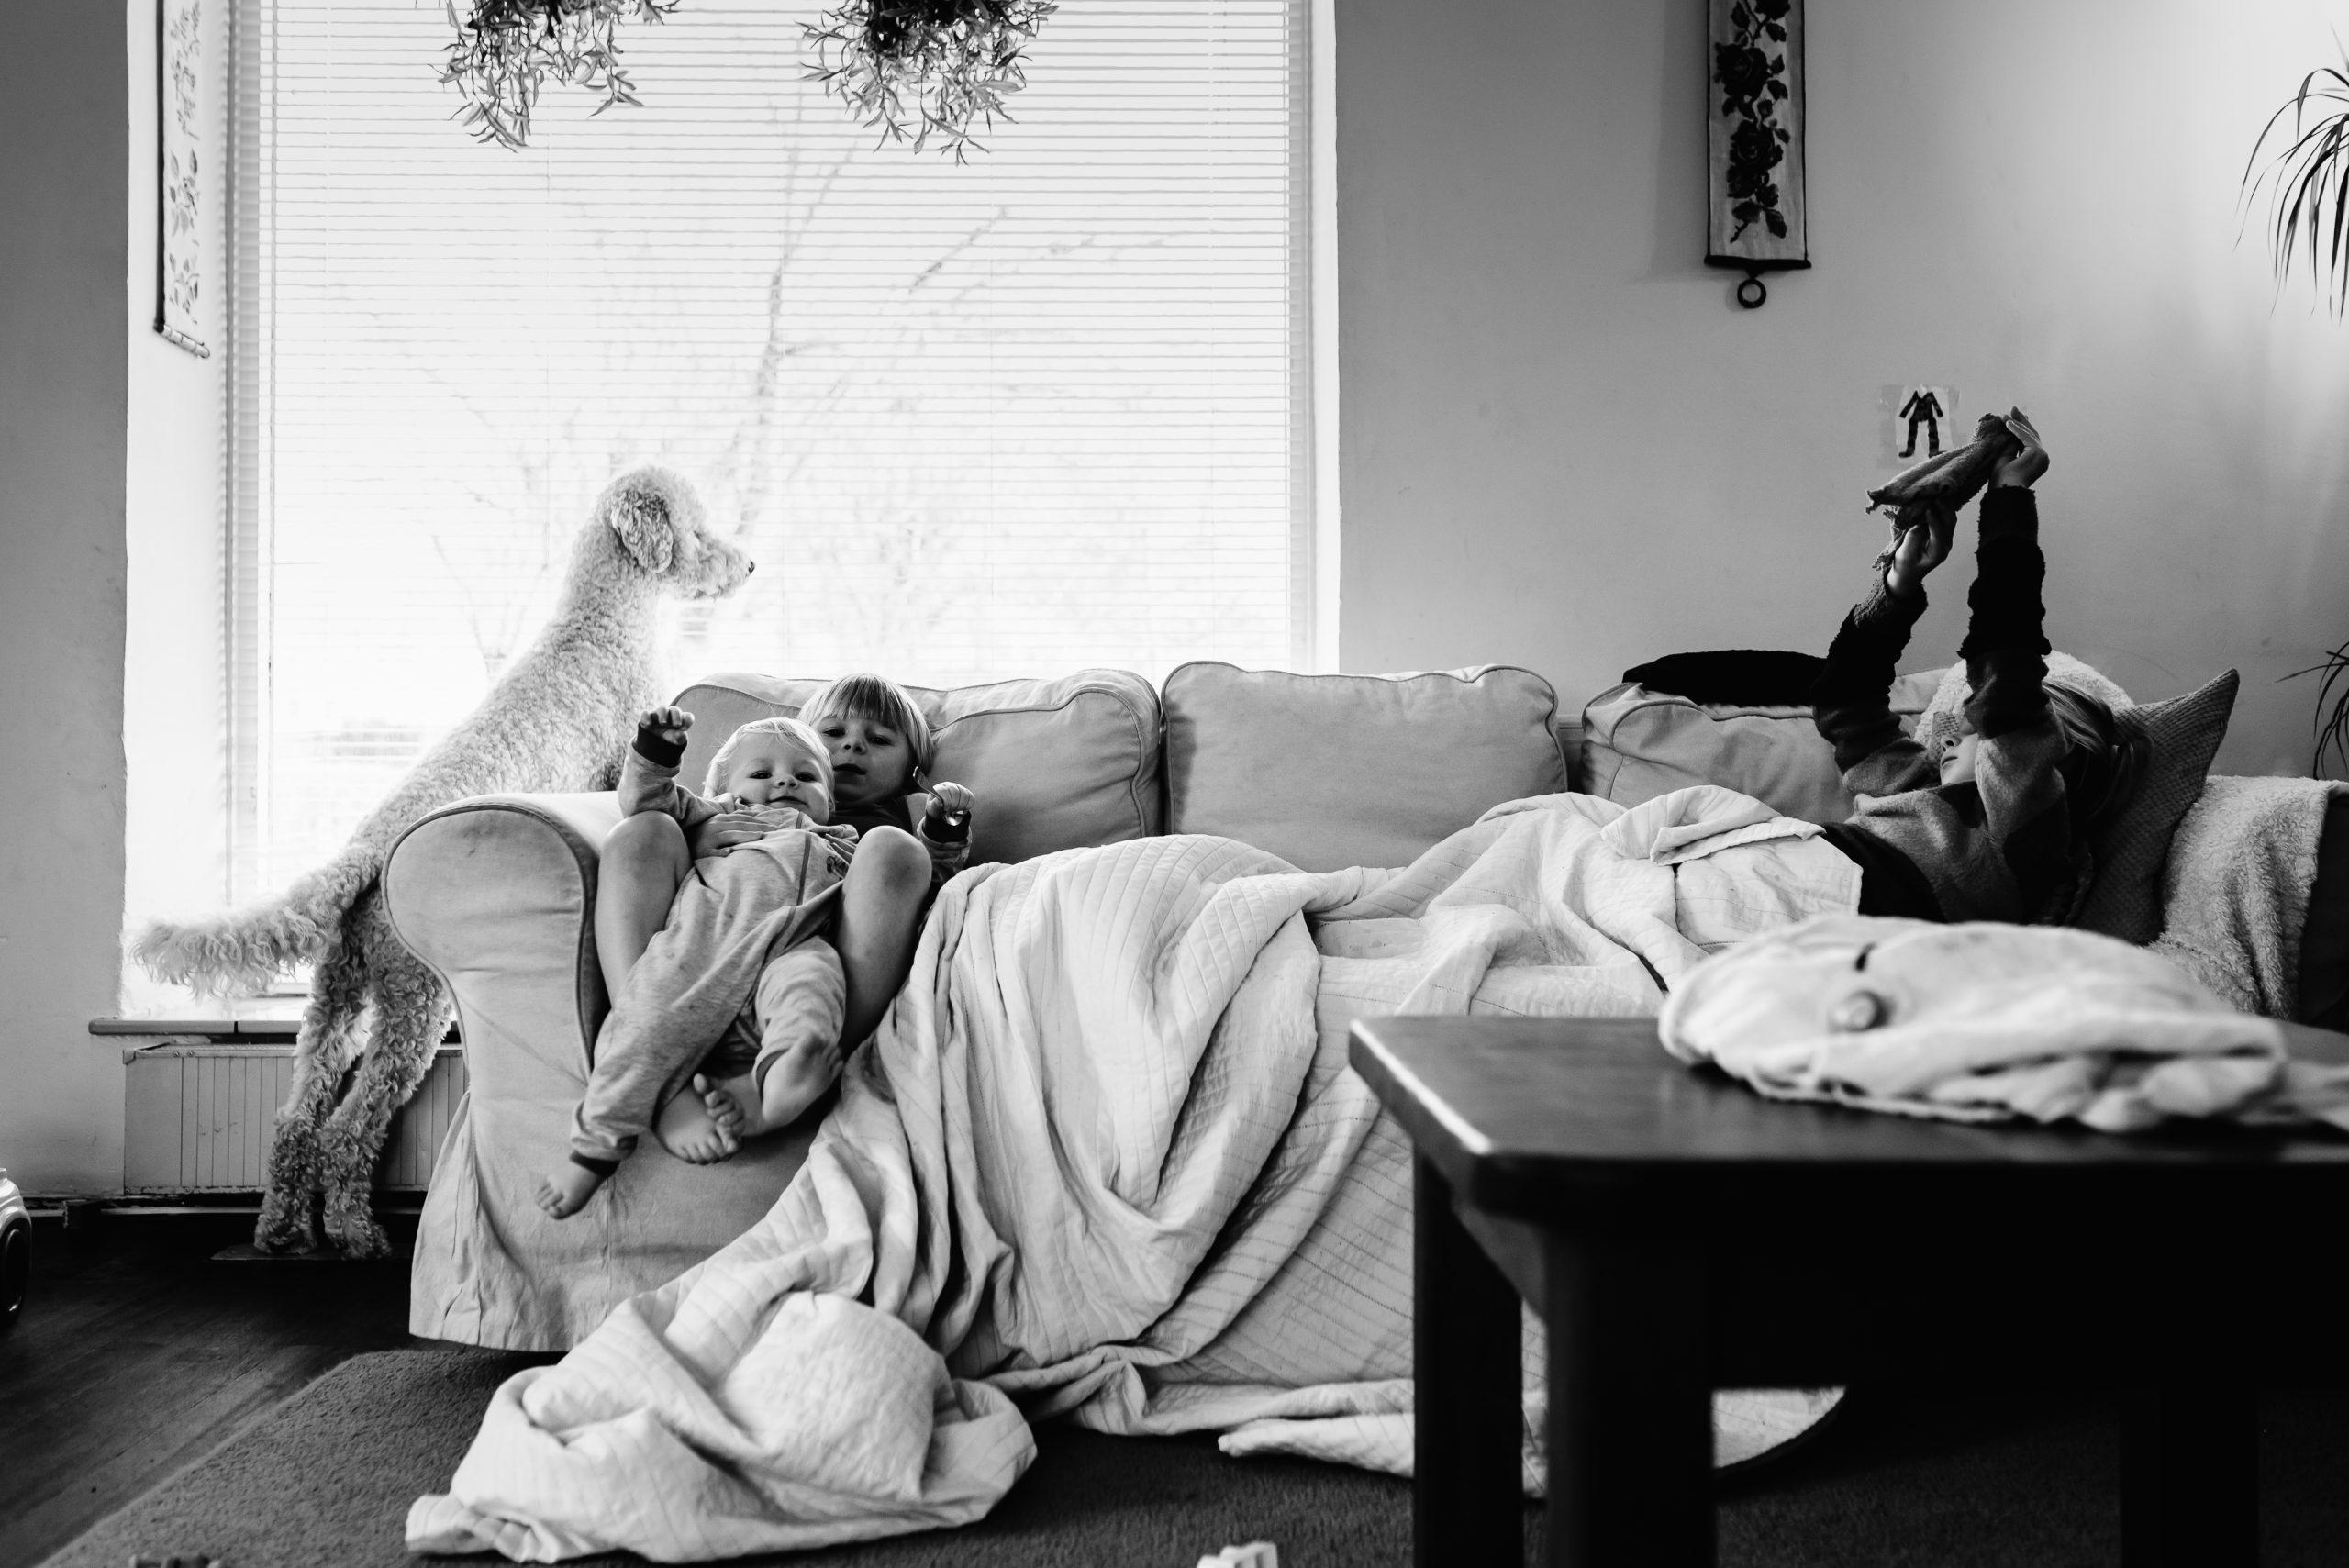 Groot gezin, zwart/wit, het gezinsleven, gezinsfotograaf, Assen, Drenthe, familiefotograaf Assen, Familiefotograaf Drenthe, familiefotograaf